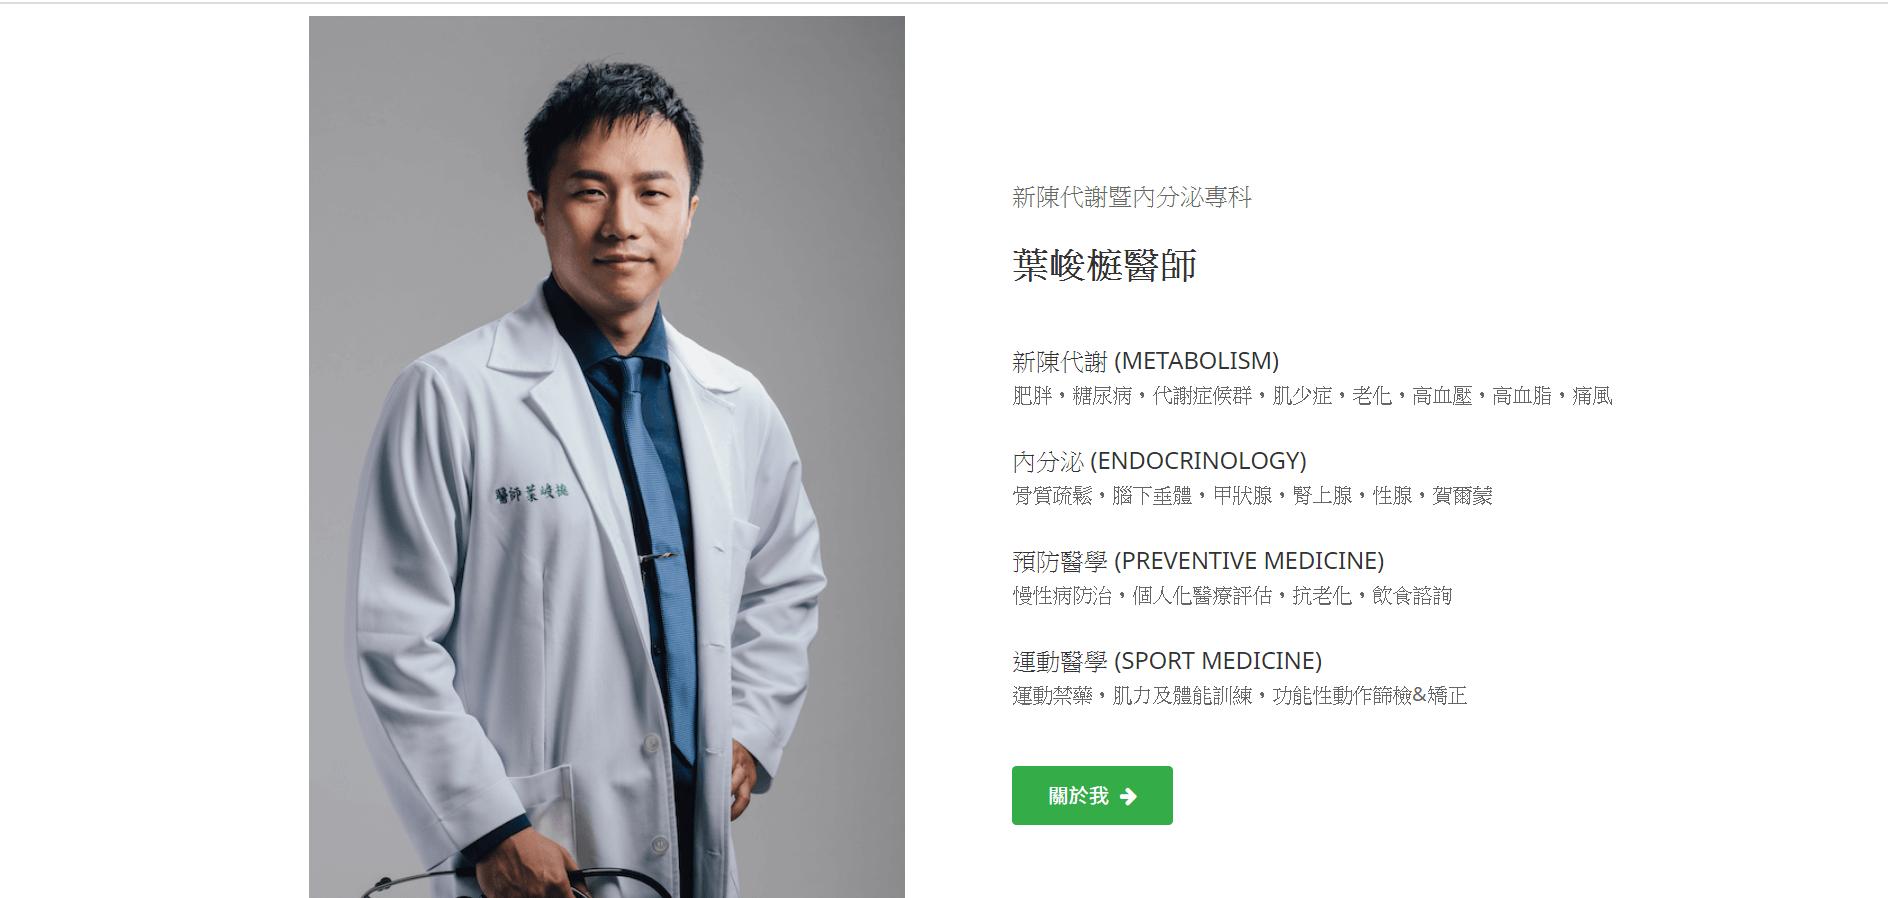 葉醫師網站-首頁-自我介紹